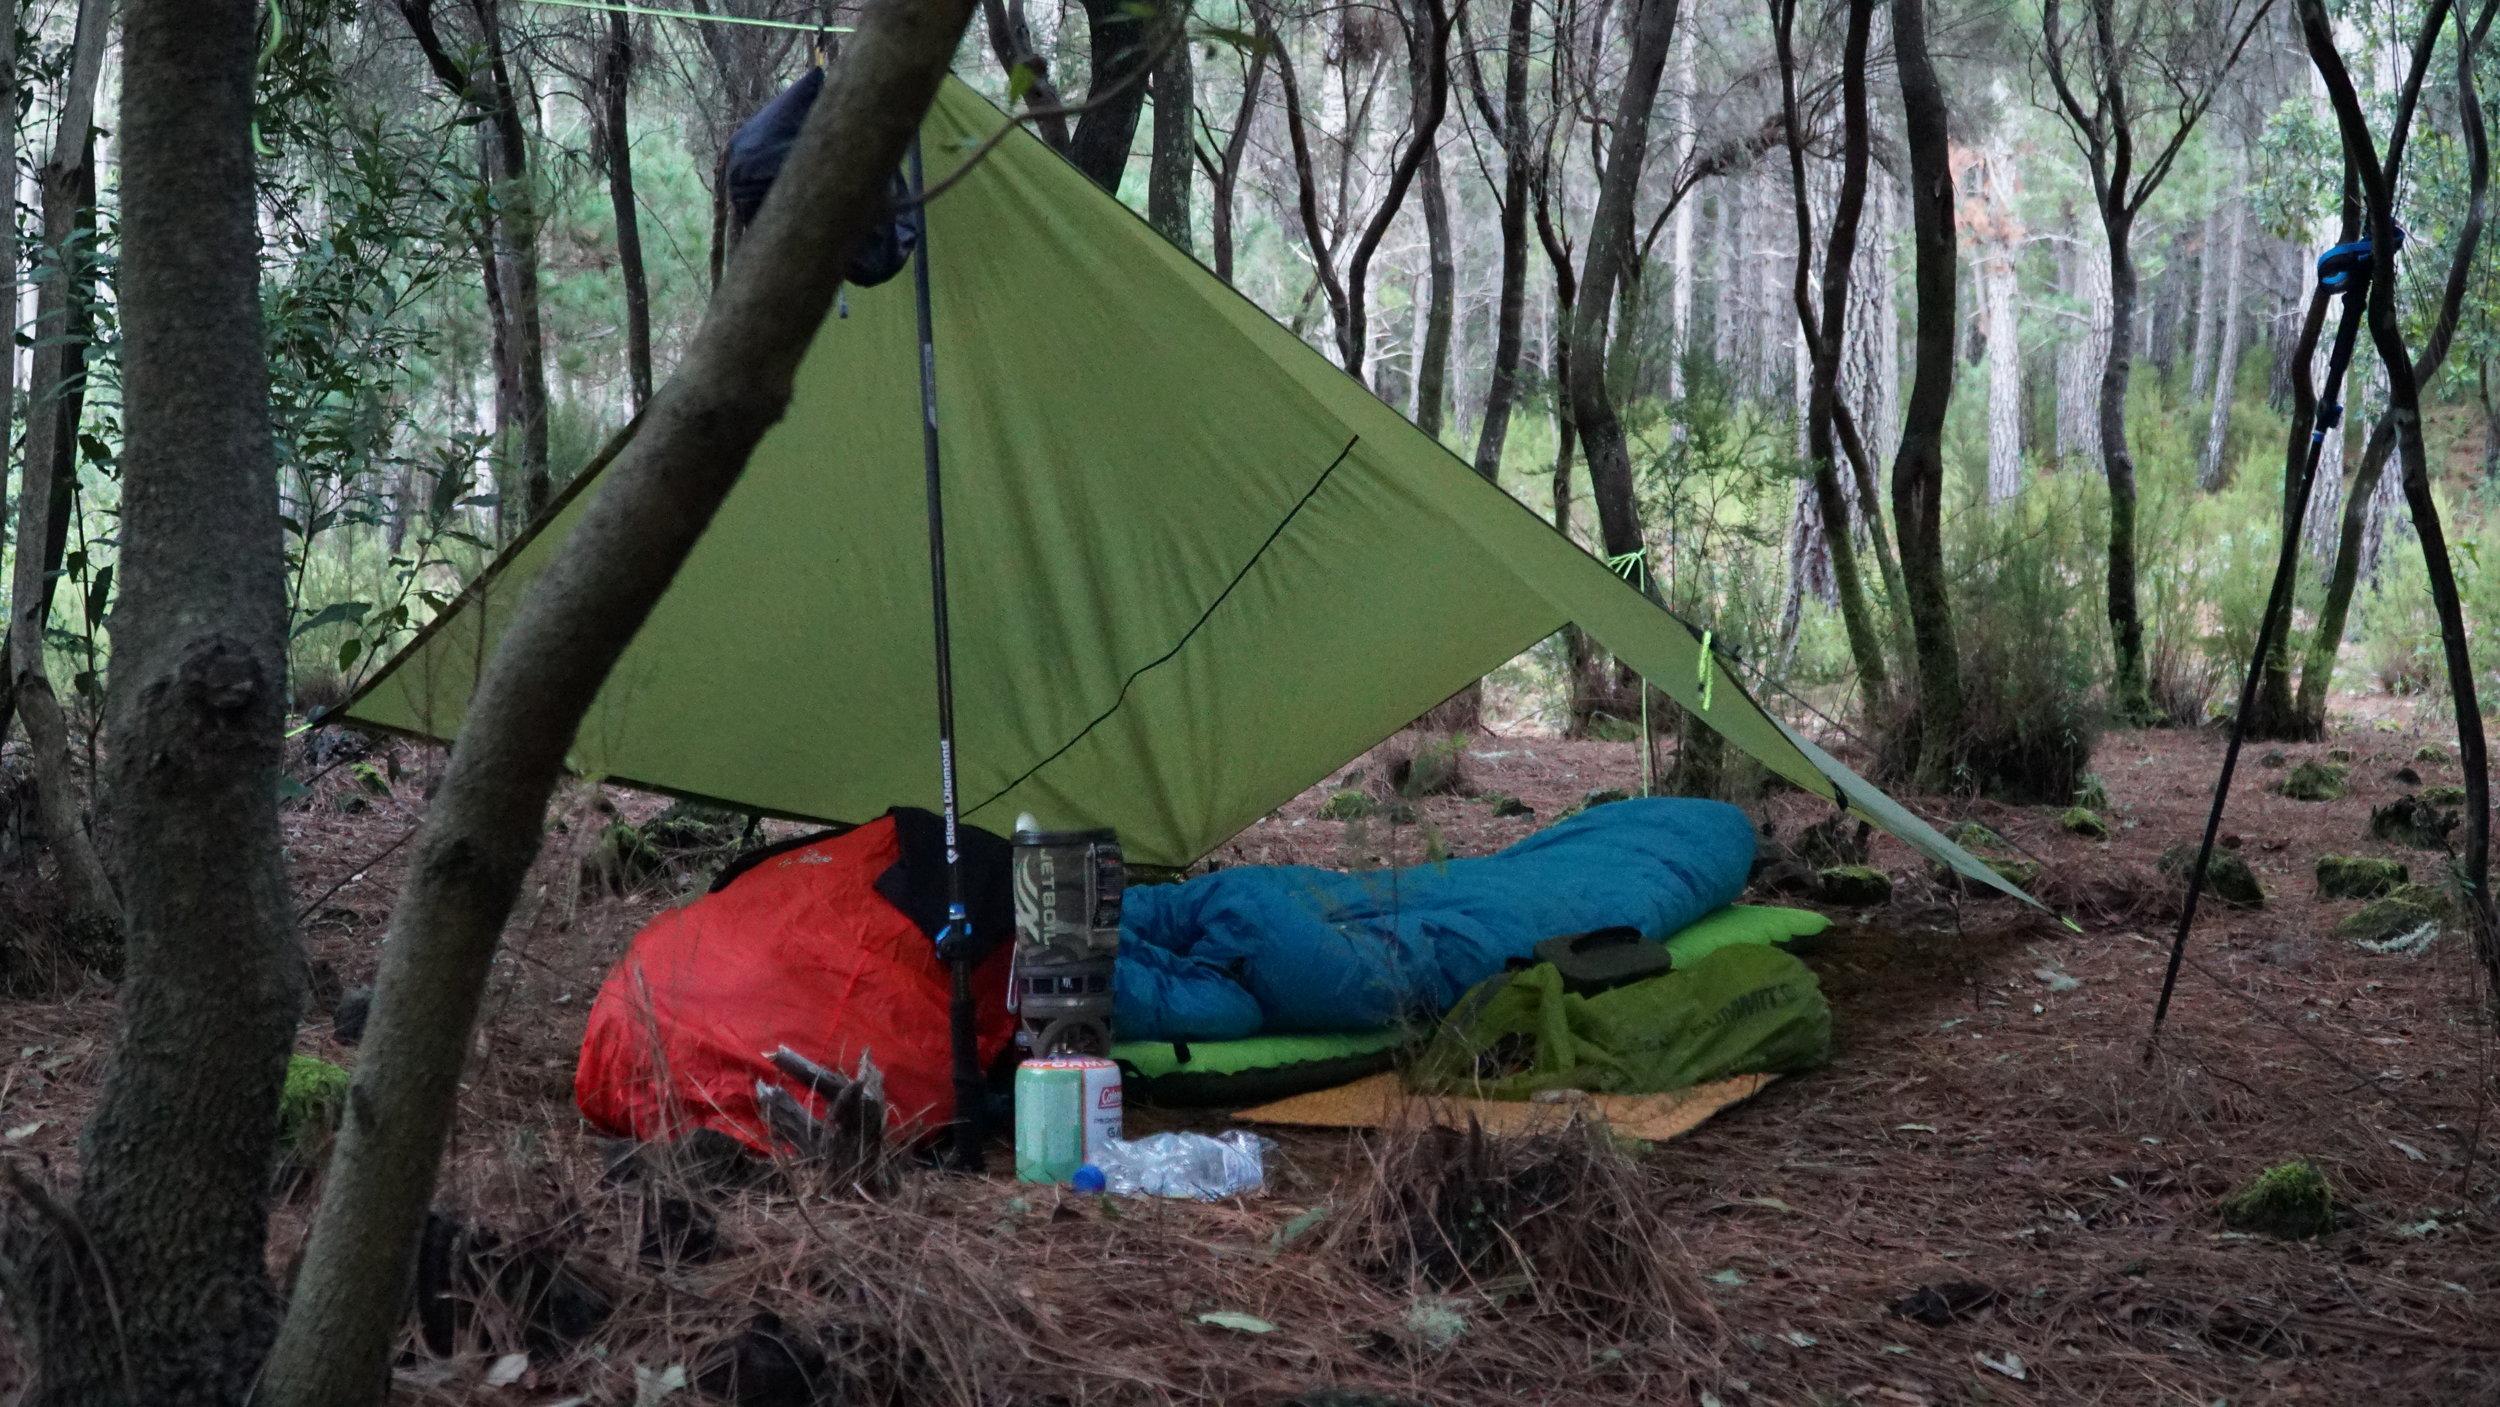 Godmorgen fra lejrpladsen - jeg ankom i mørket så det var først om morgenen jeg rigtigt fik mig et indtryk af området jeg havde sovet i.